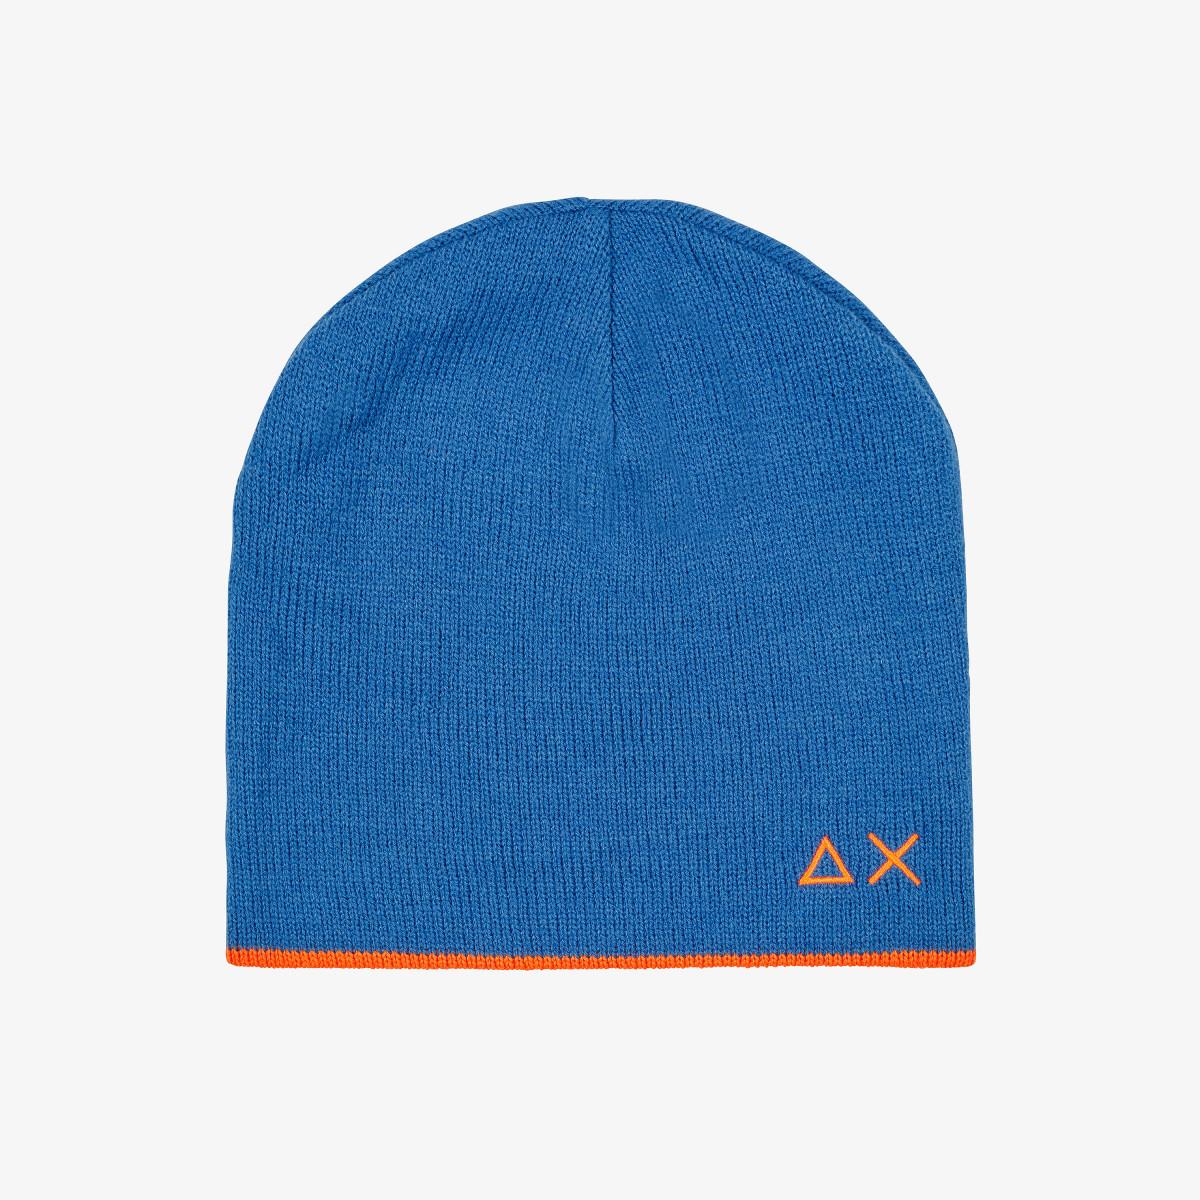 CAP BASIC ROYAL